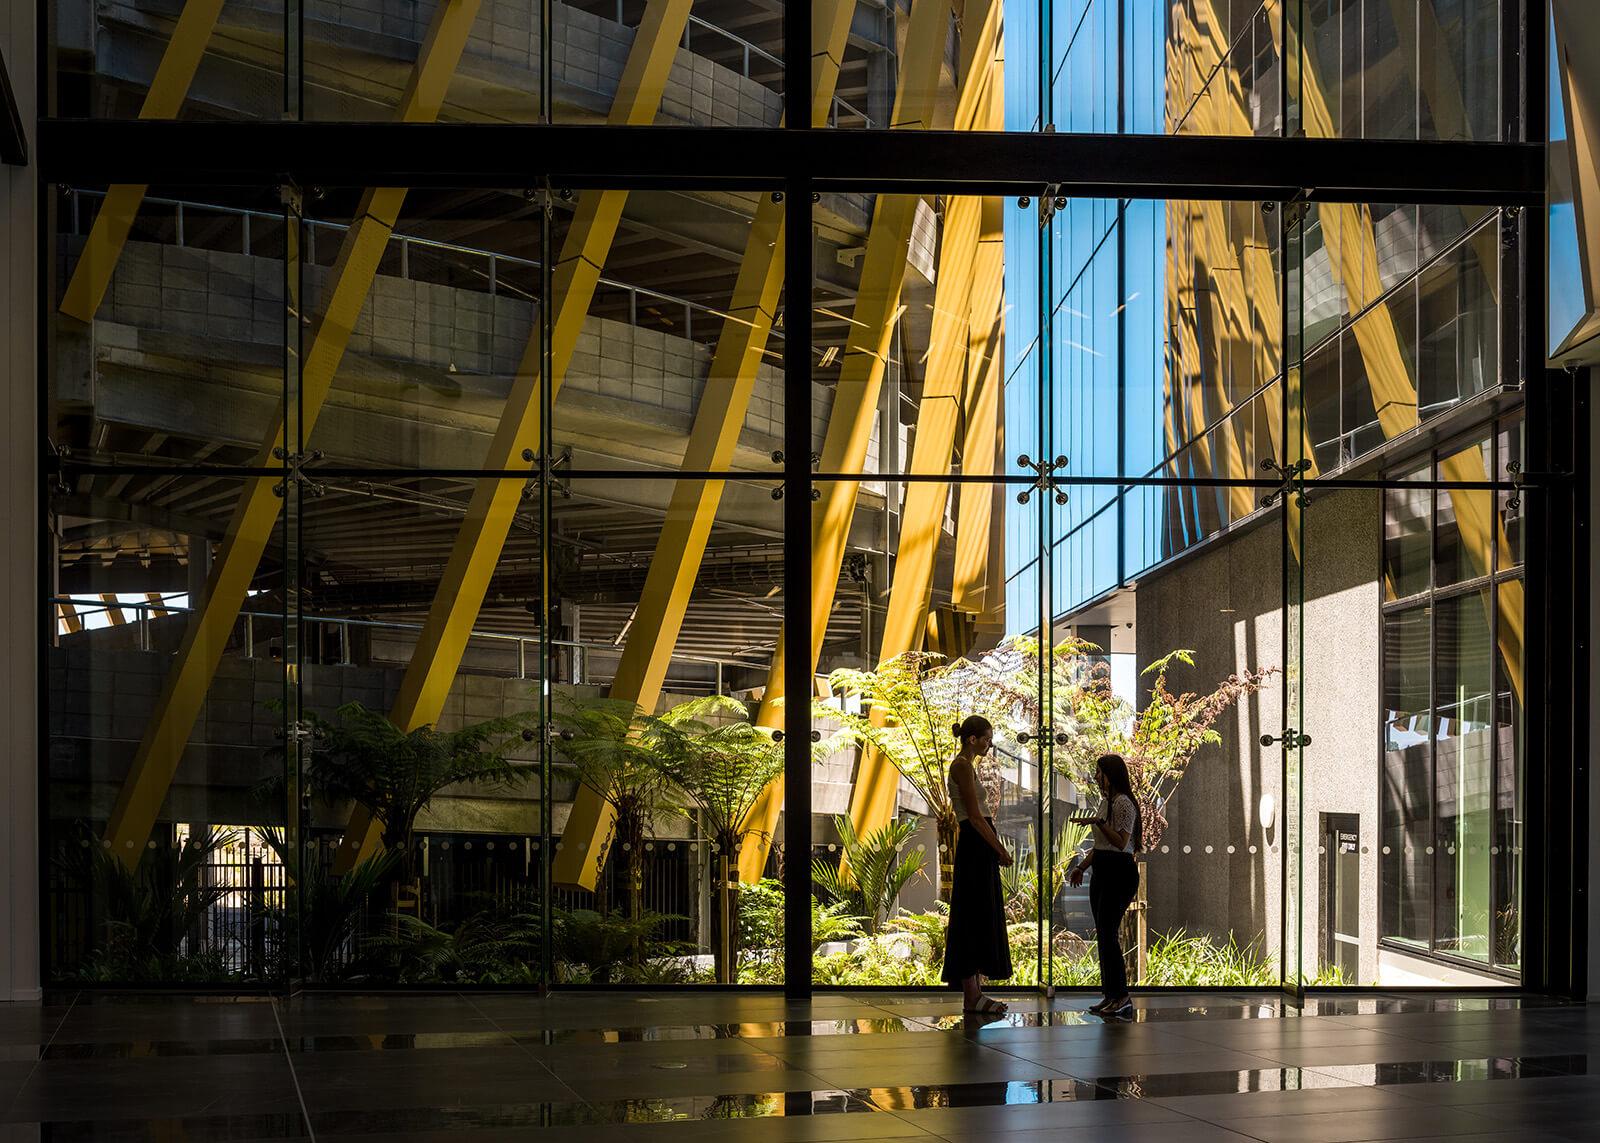 Glass atrium and biophilia